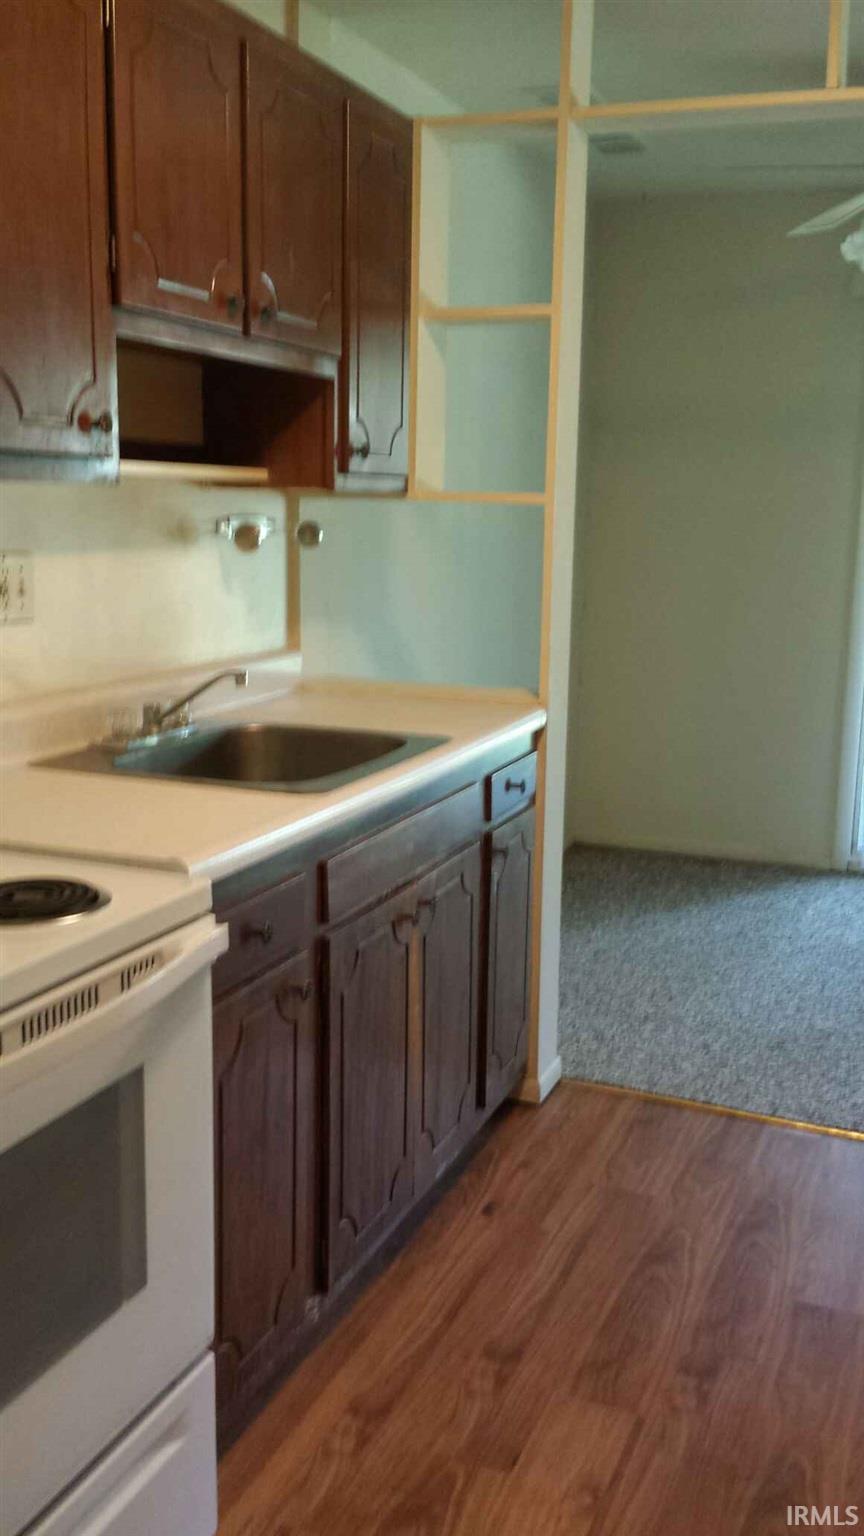 2500 Topsfield #407 South Bend, IN 46614